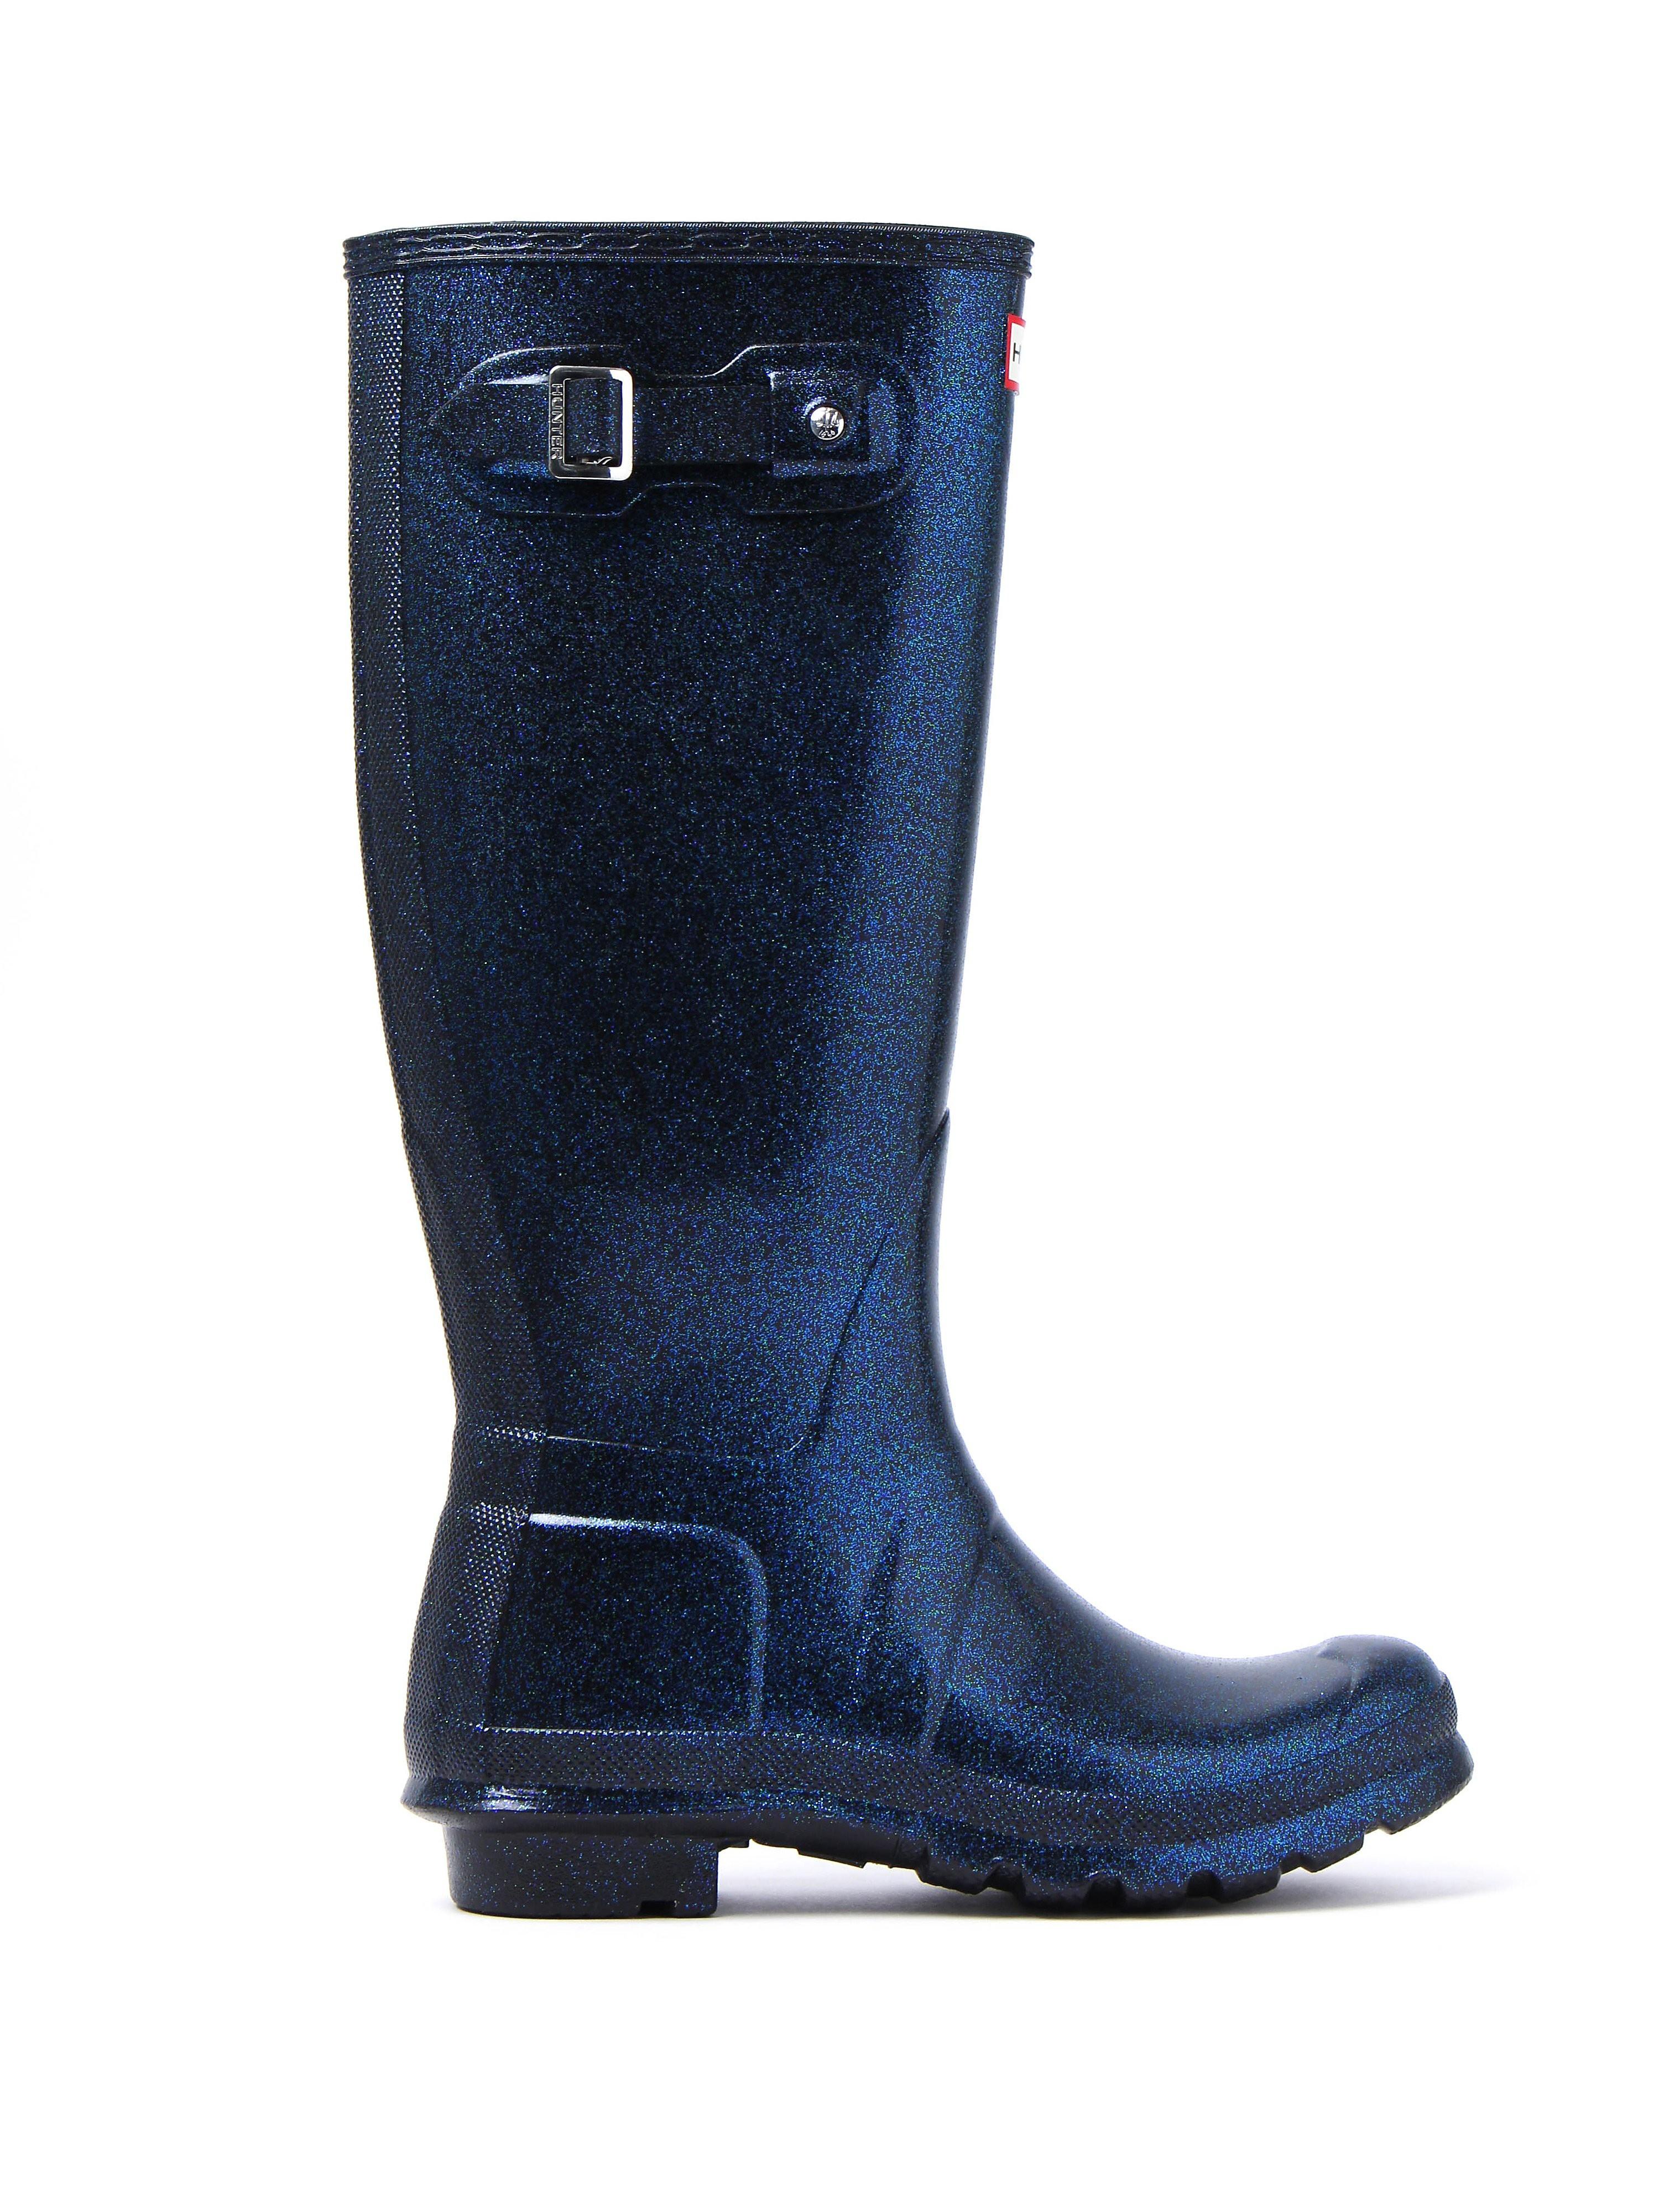 Hunter Wellies Women's Original Starcloud Tall Wellington Boots - Neptune